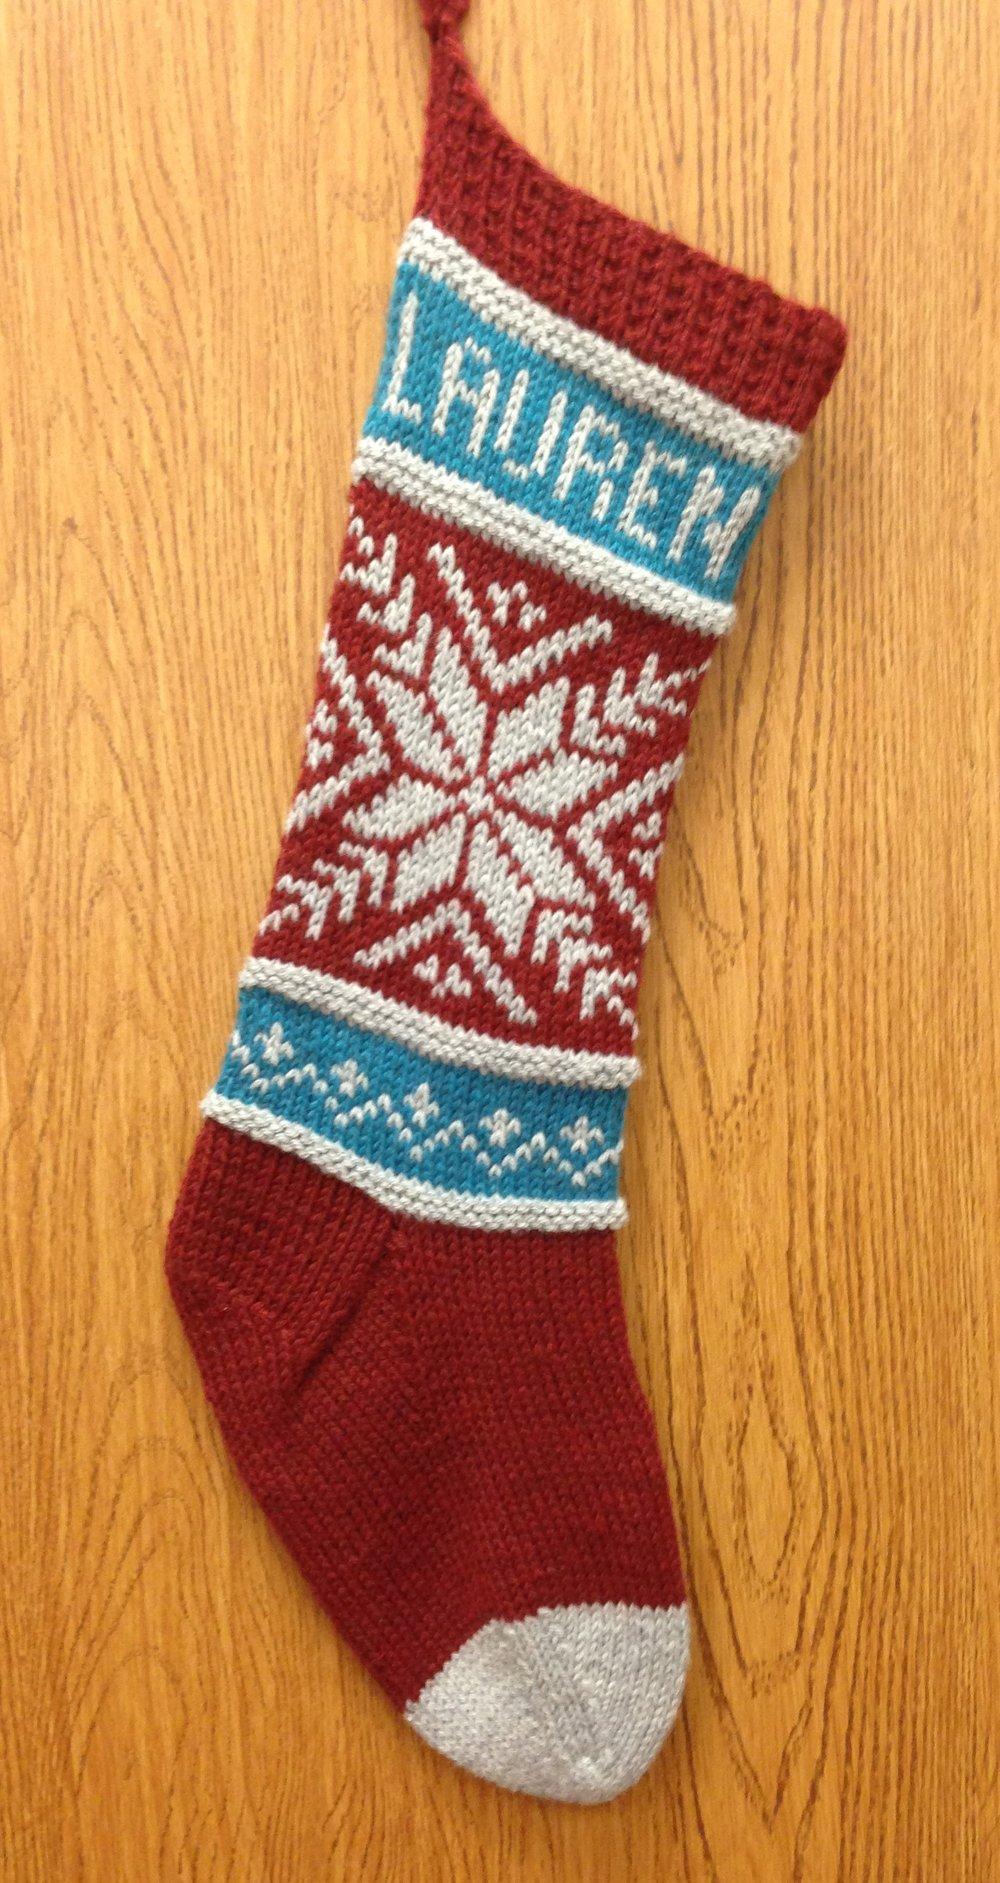 Xmas Stockings.jpg